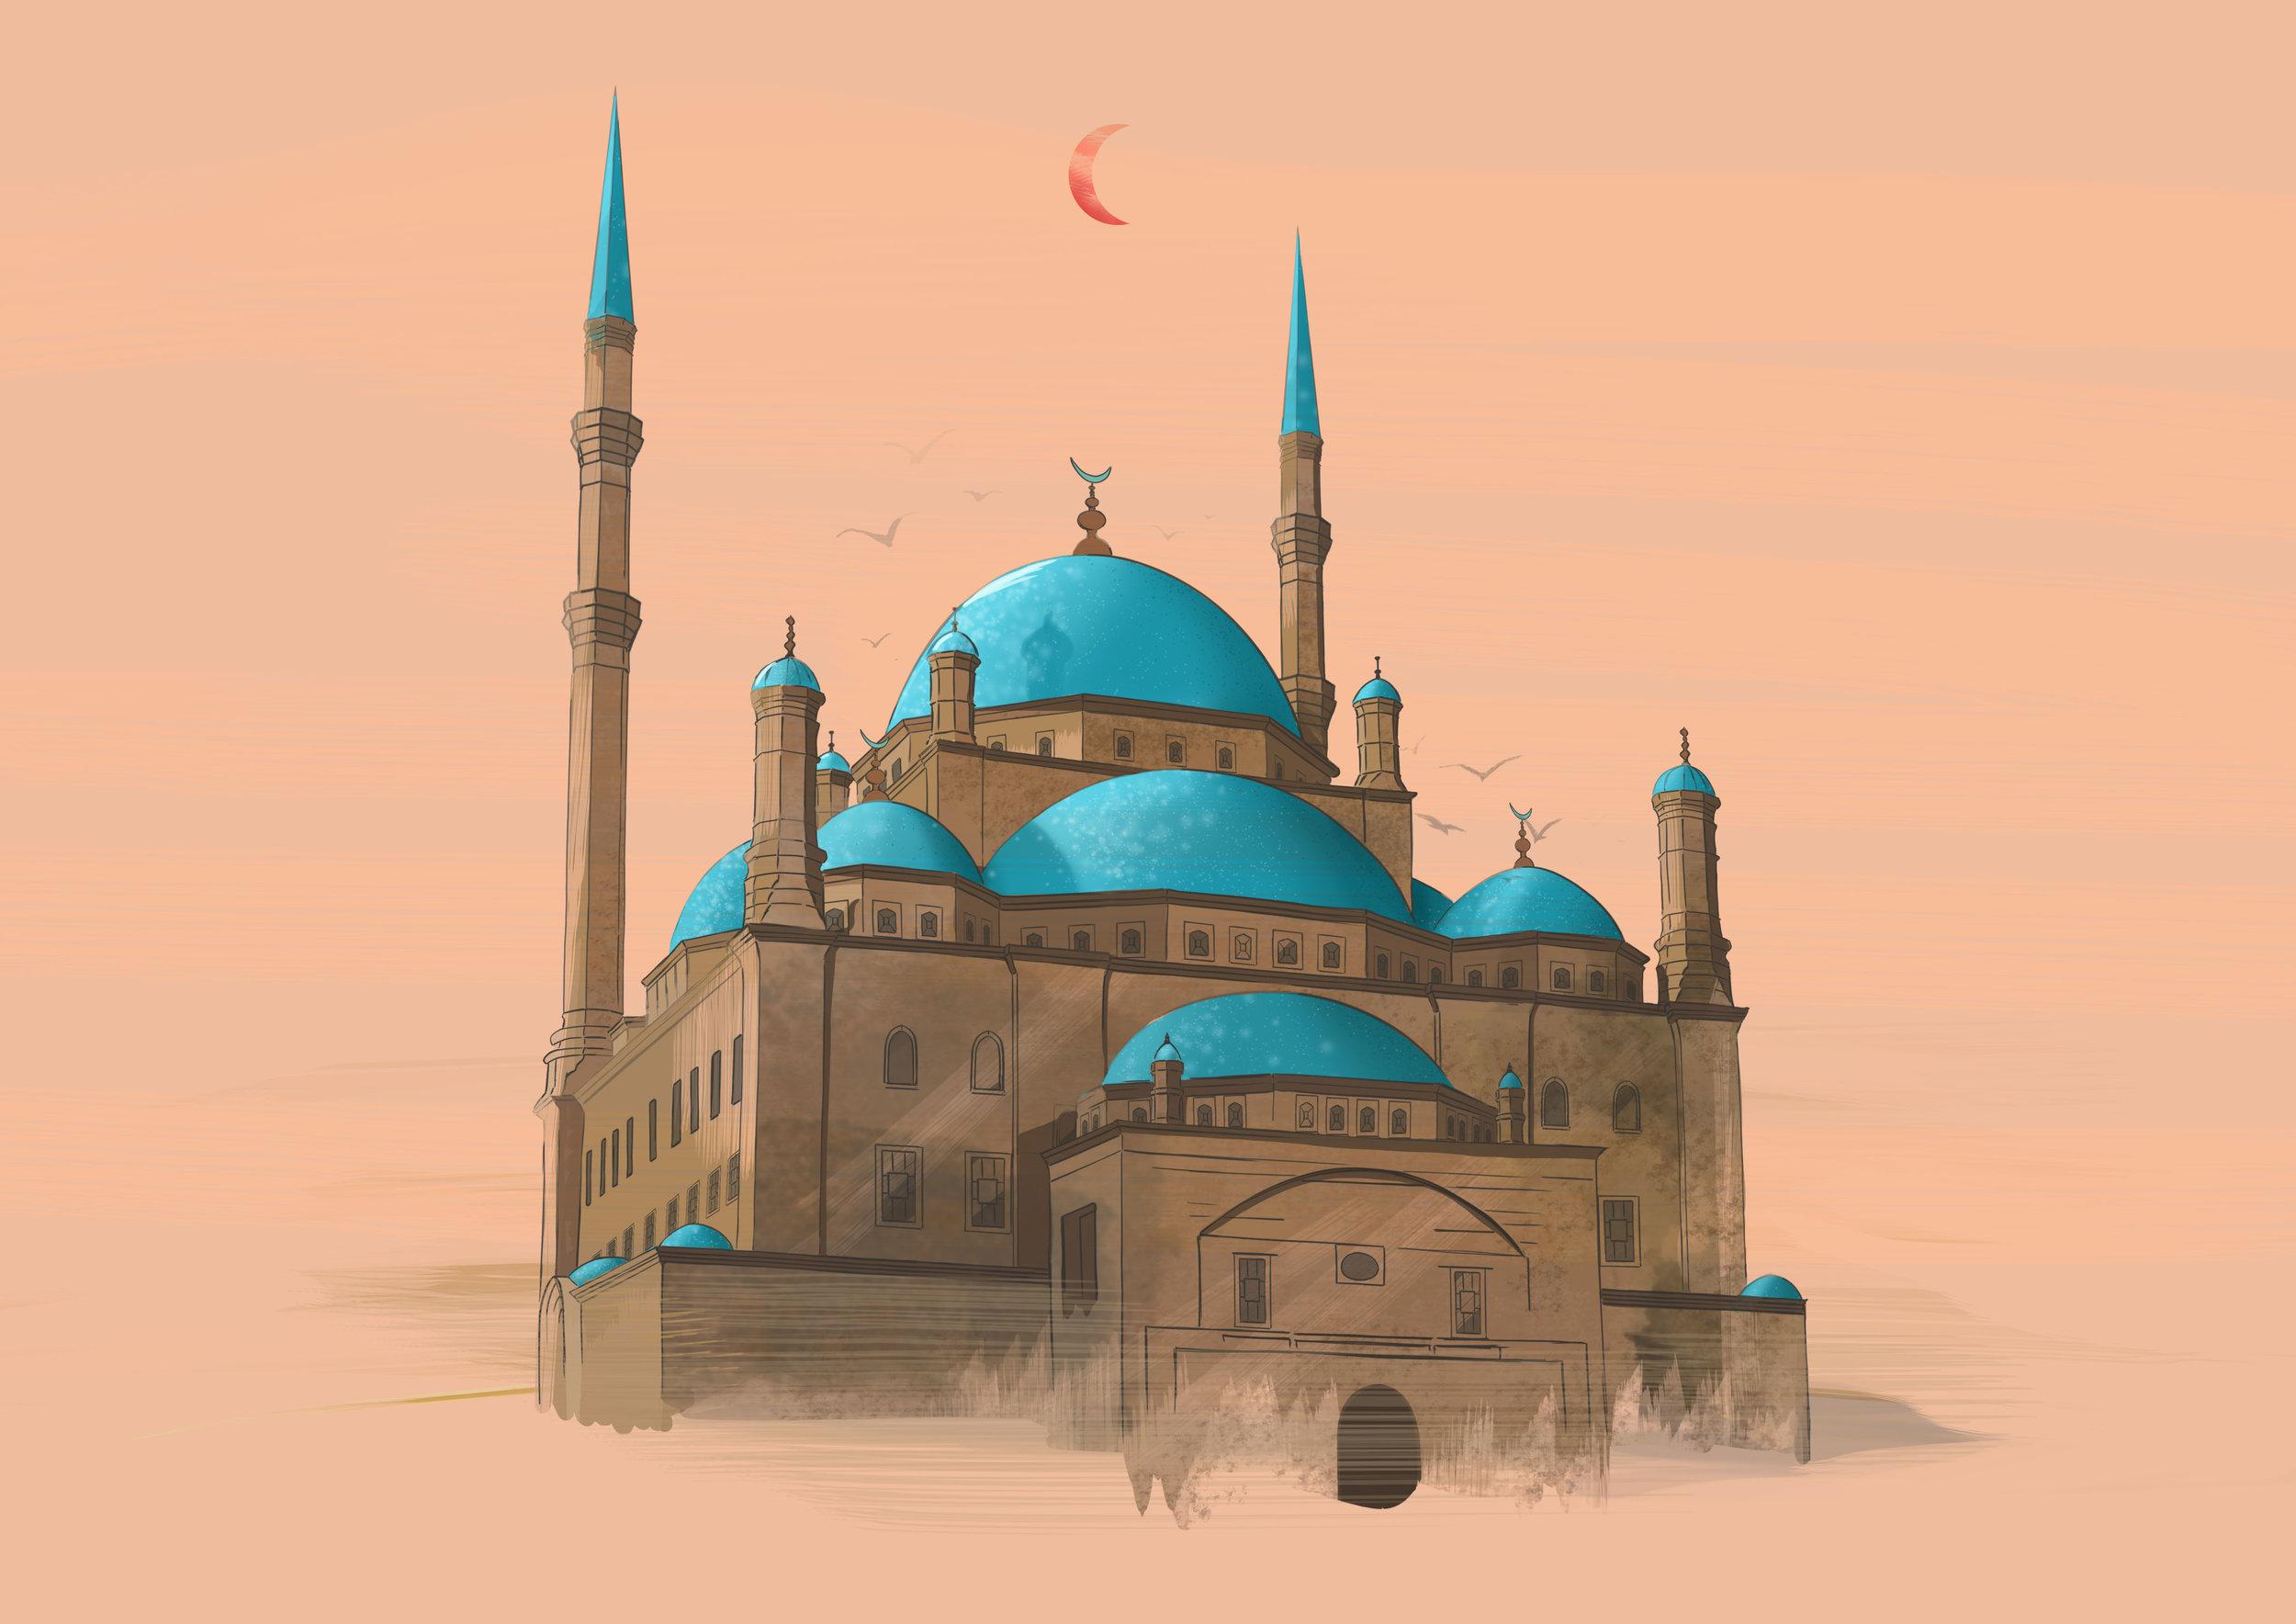 mosque1_s.jpg